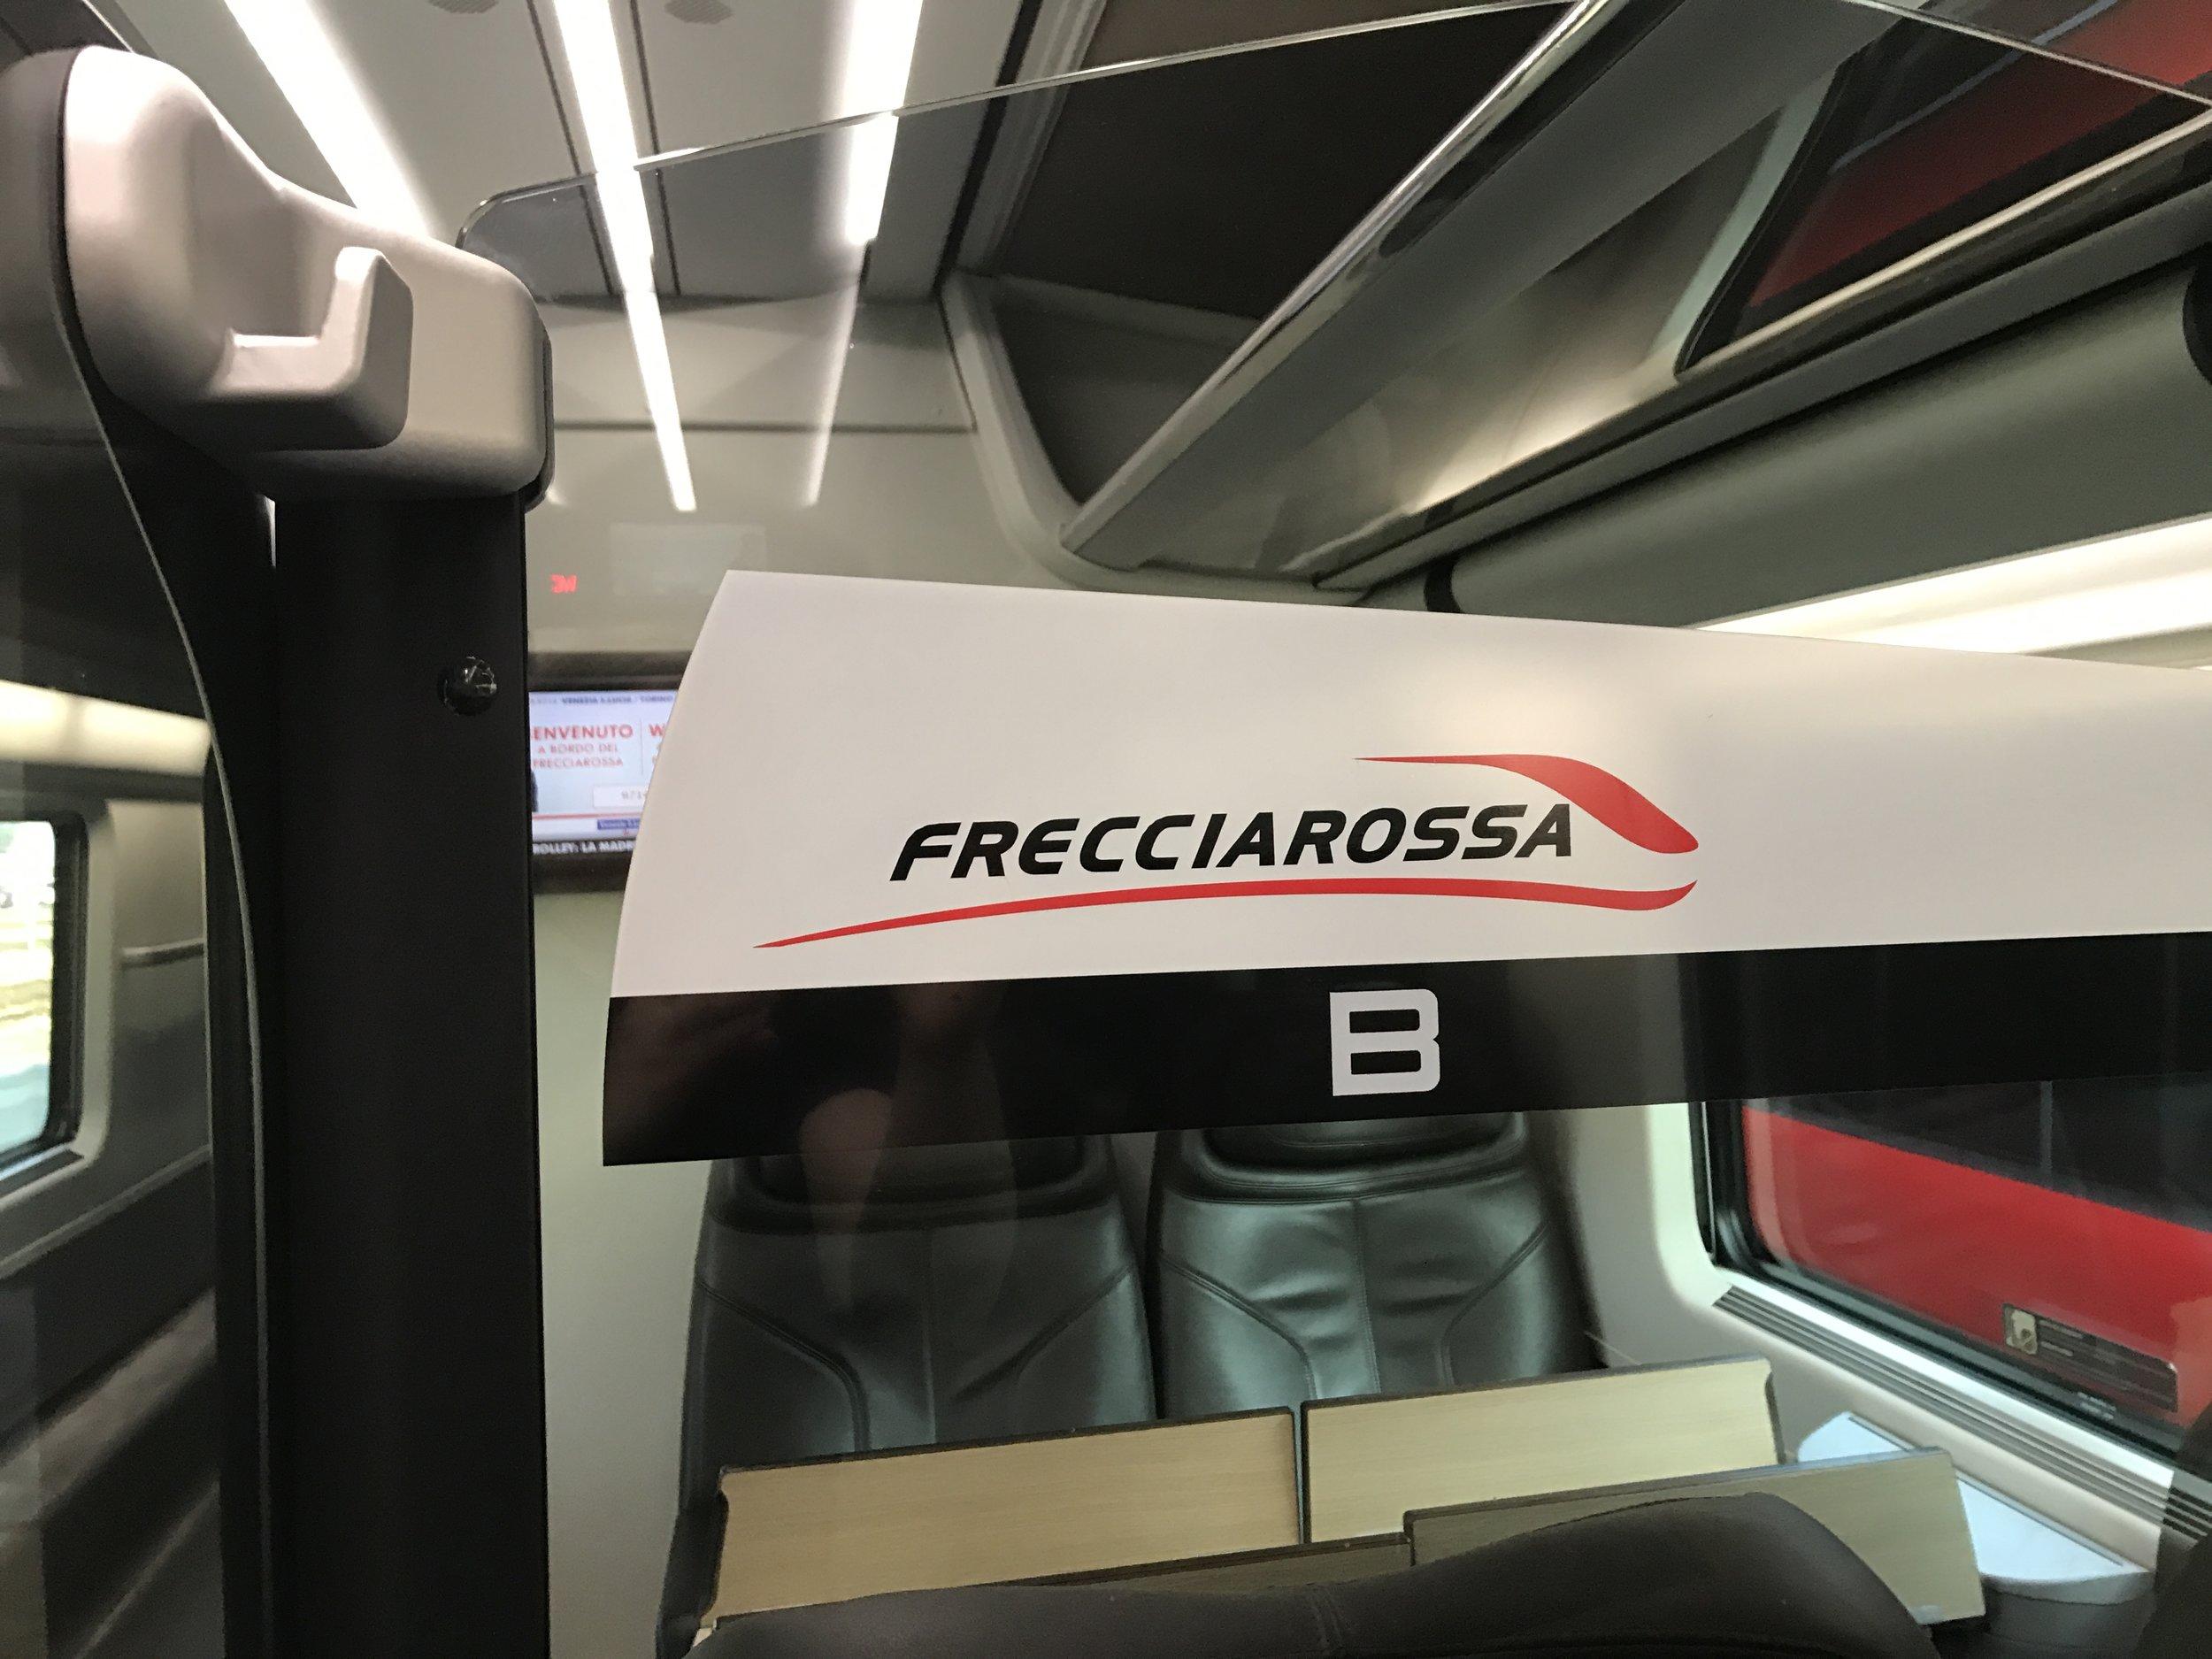 Frecciarossa from Venezia to Vincenza